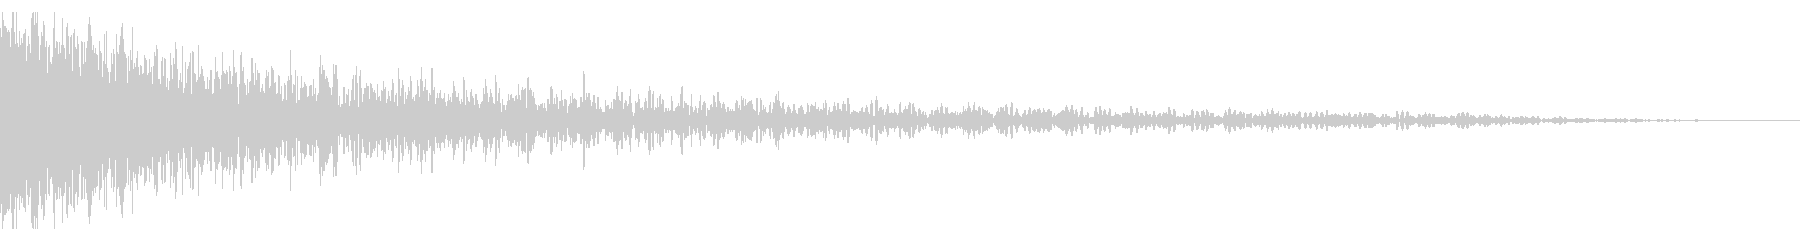 巨大なメタルドラムインパクトヒットの未再生の波形